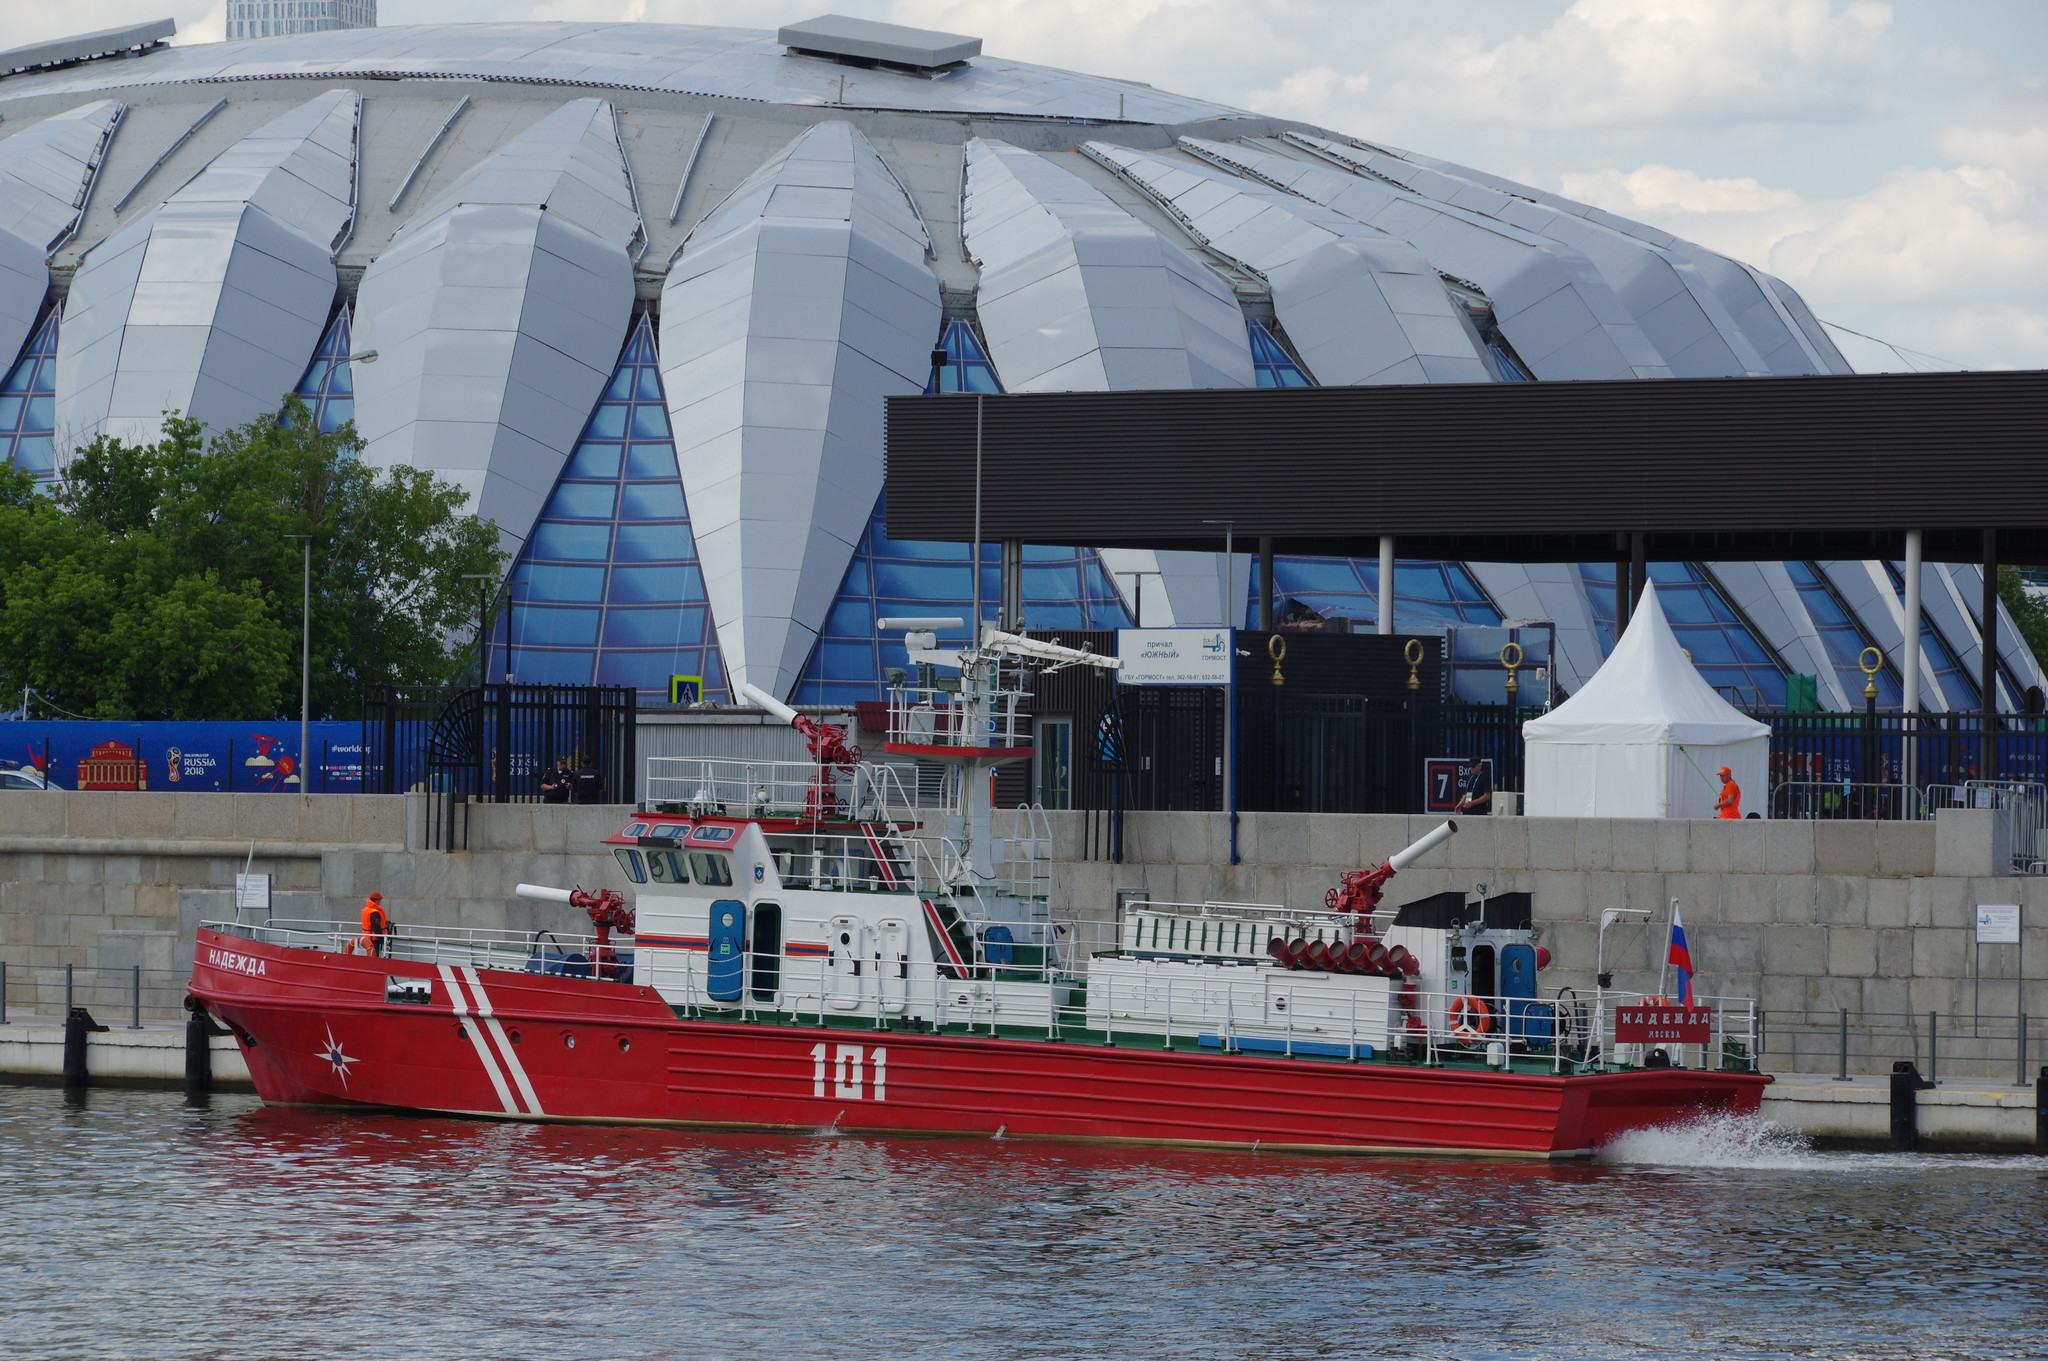 Пожарный корабль «Надежда». Причал Лужники - Южный. Лужнецкая набережная